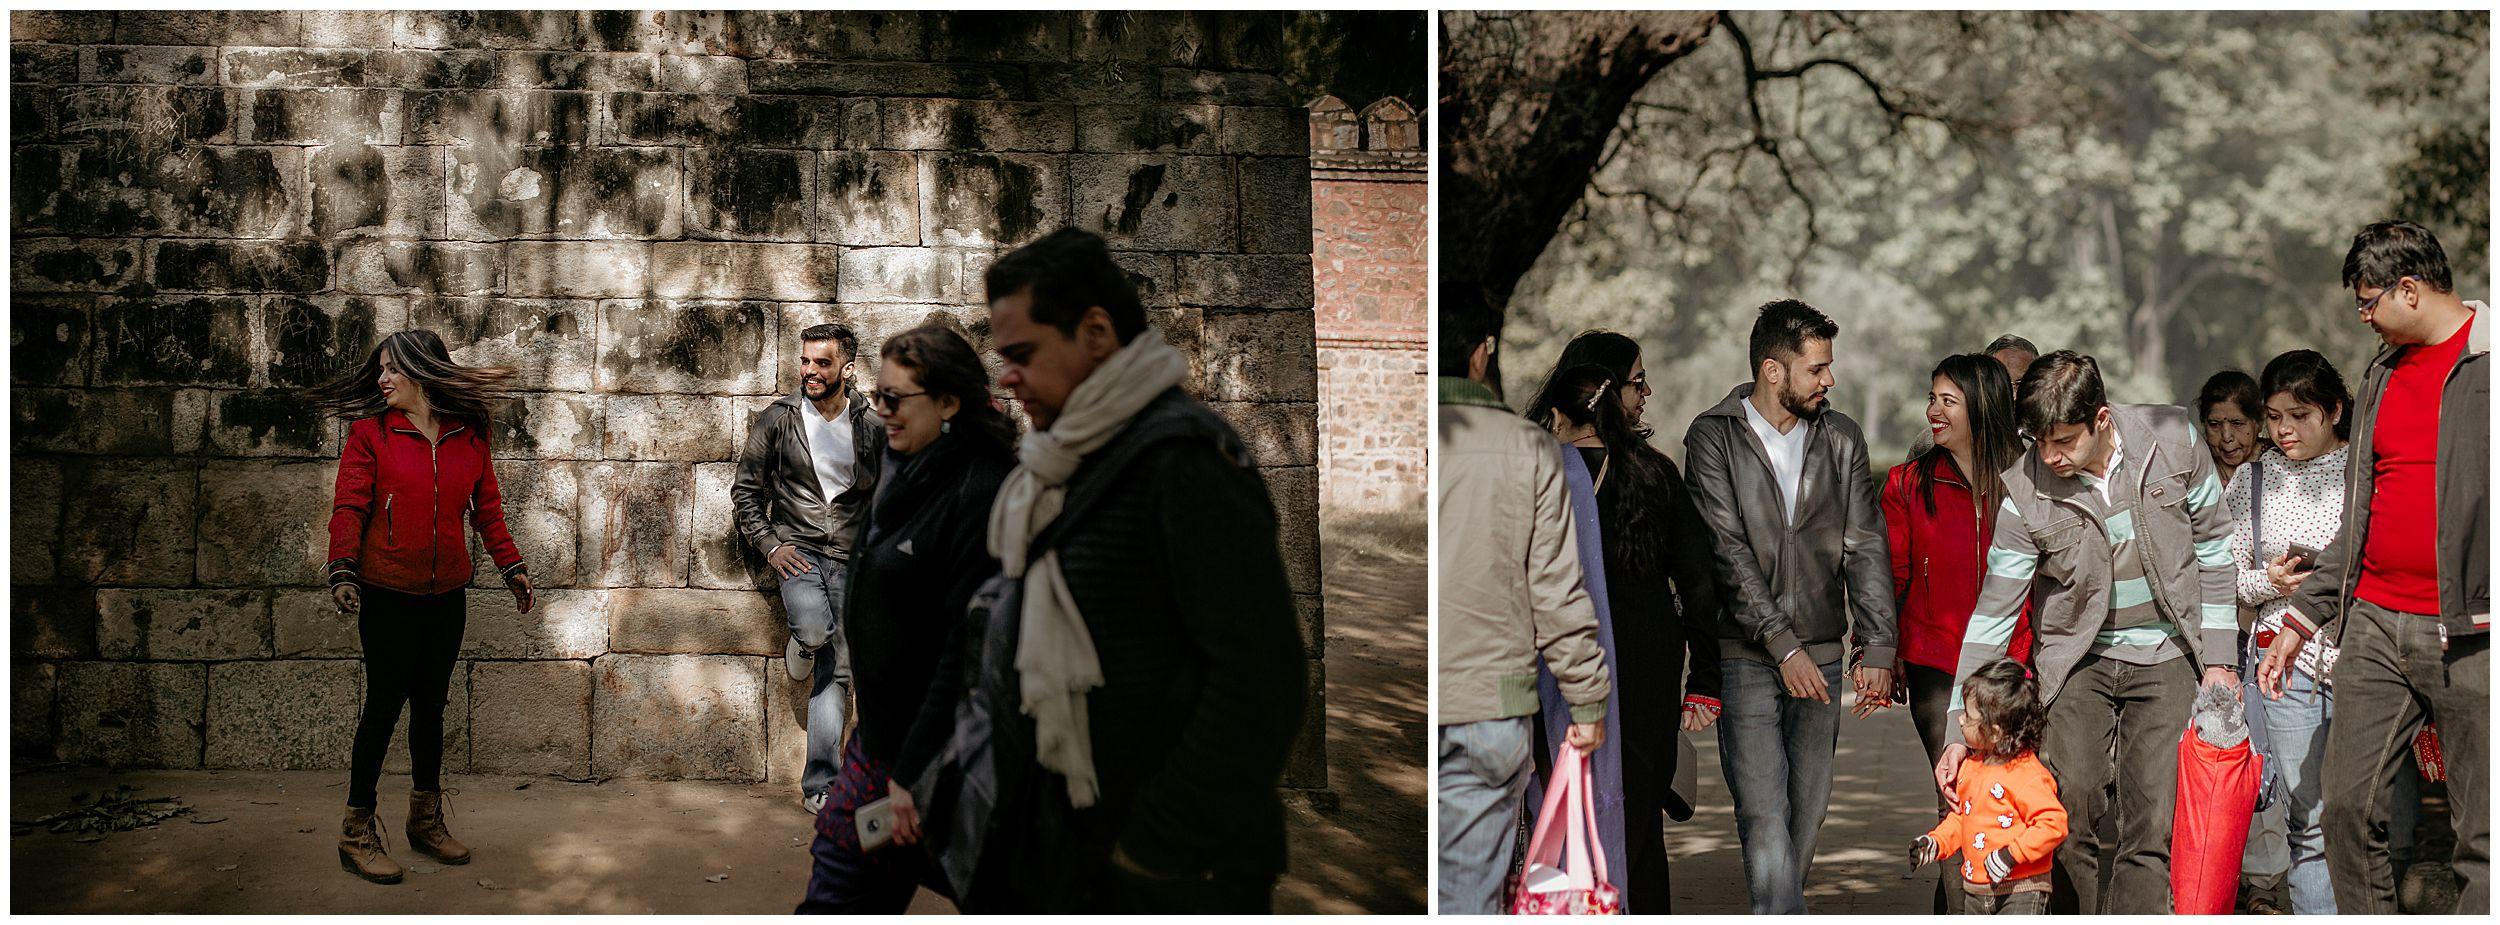 RABBYA_SHARAD_MYVISUALARTISTRY_WEDDING_PHOTOGRAPHY_MVA_DELHI13.jpg